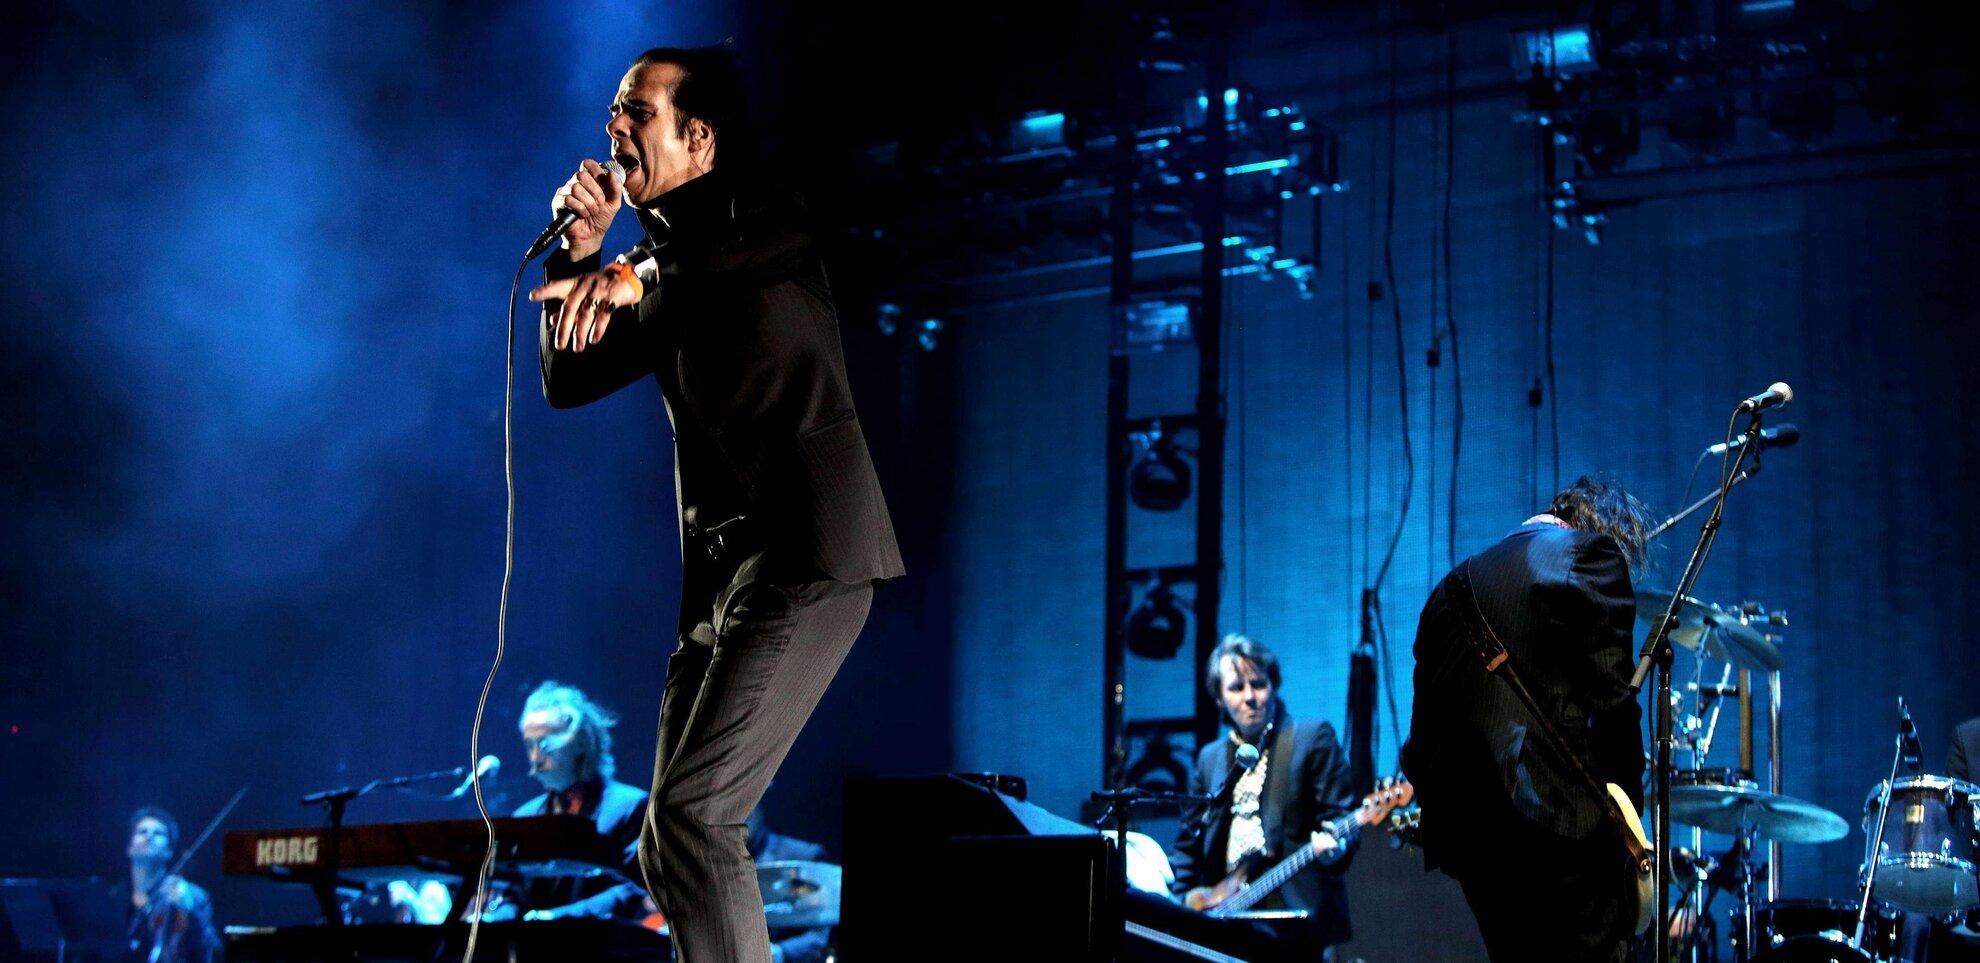 Distant Sky - Nick Cave & The Bad Seeds Live in Copenhagen (2018)